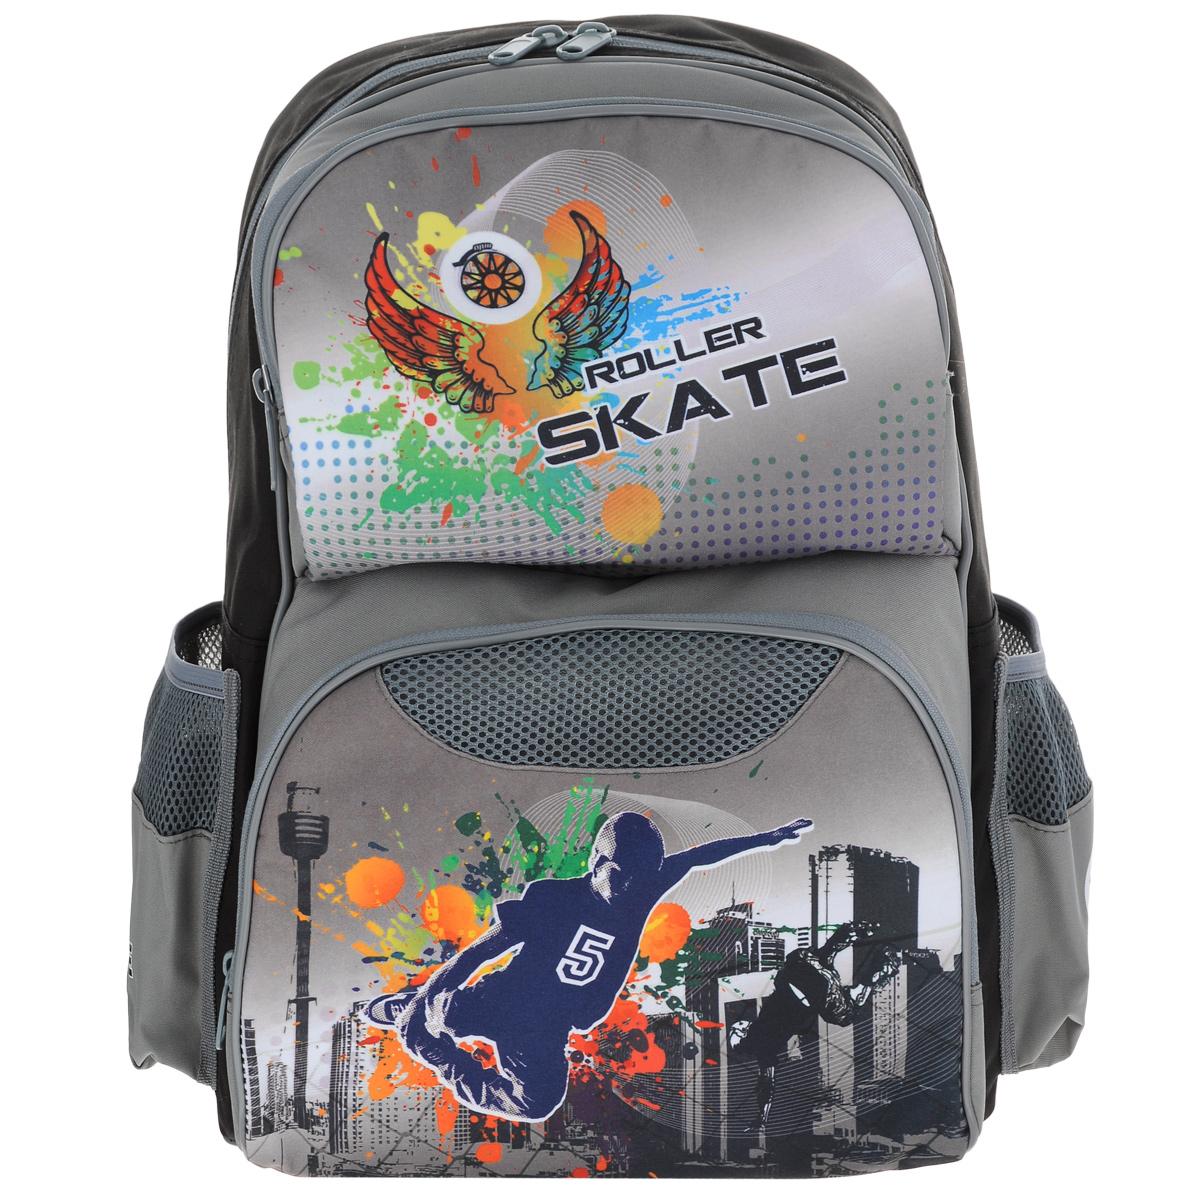 Ранец школьный Tiger Family Roller Skate, цвет: серый ранец kite kite ранец школьный 529 каркасный speed